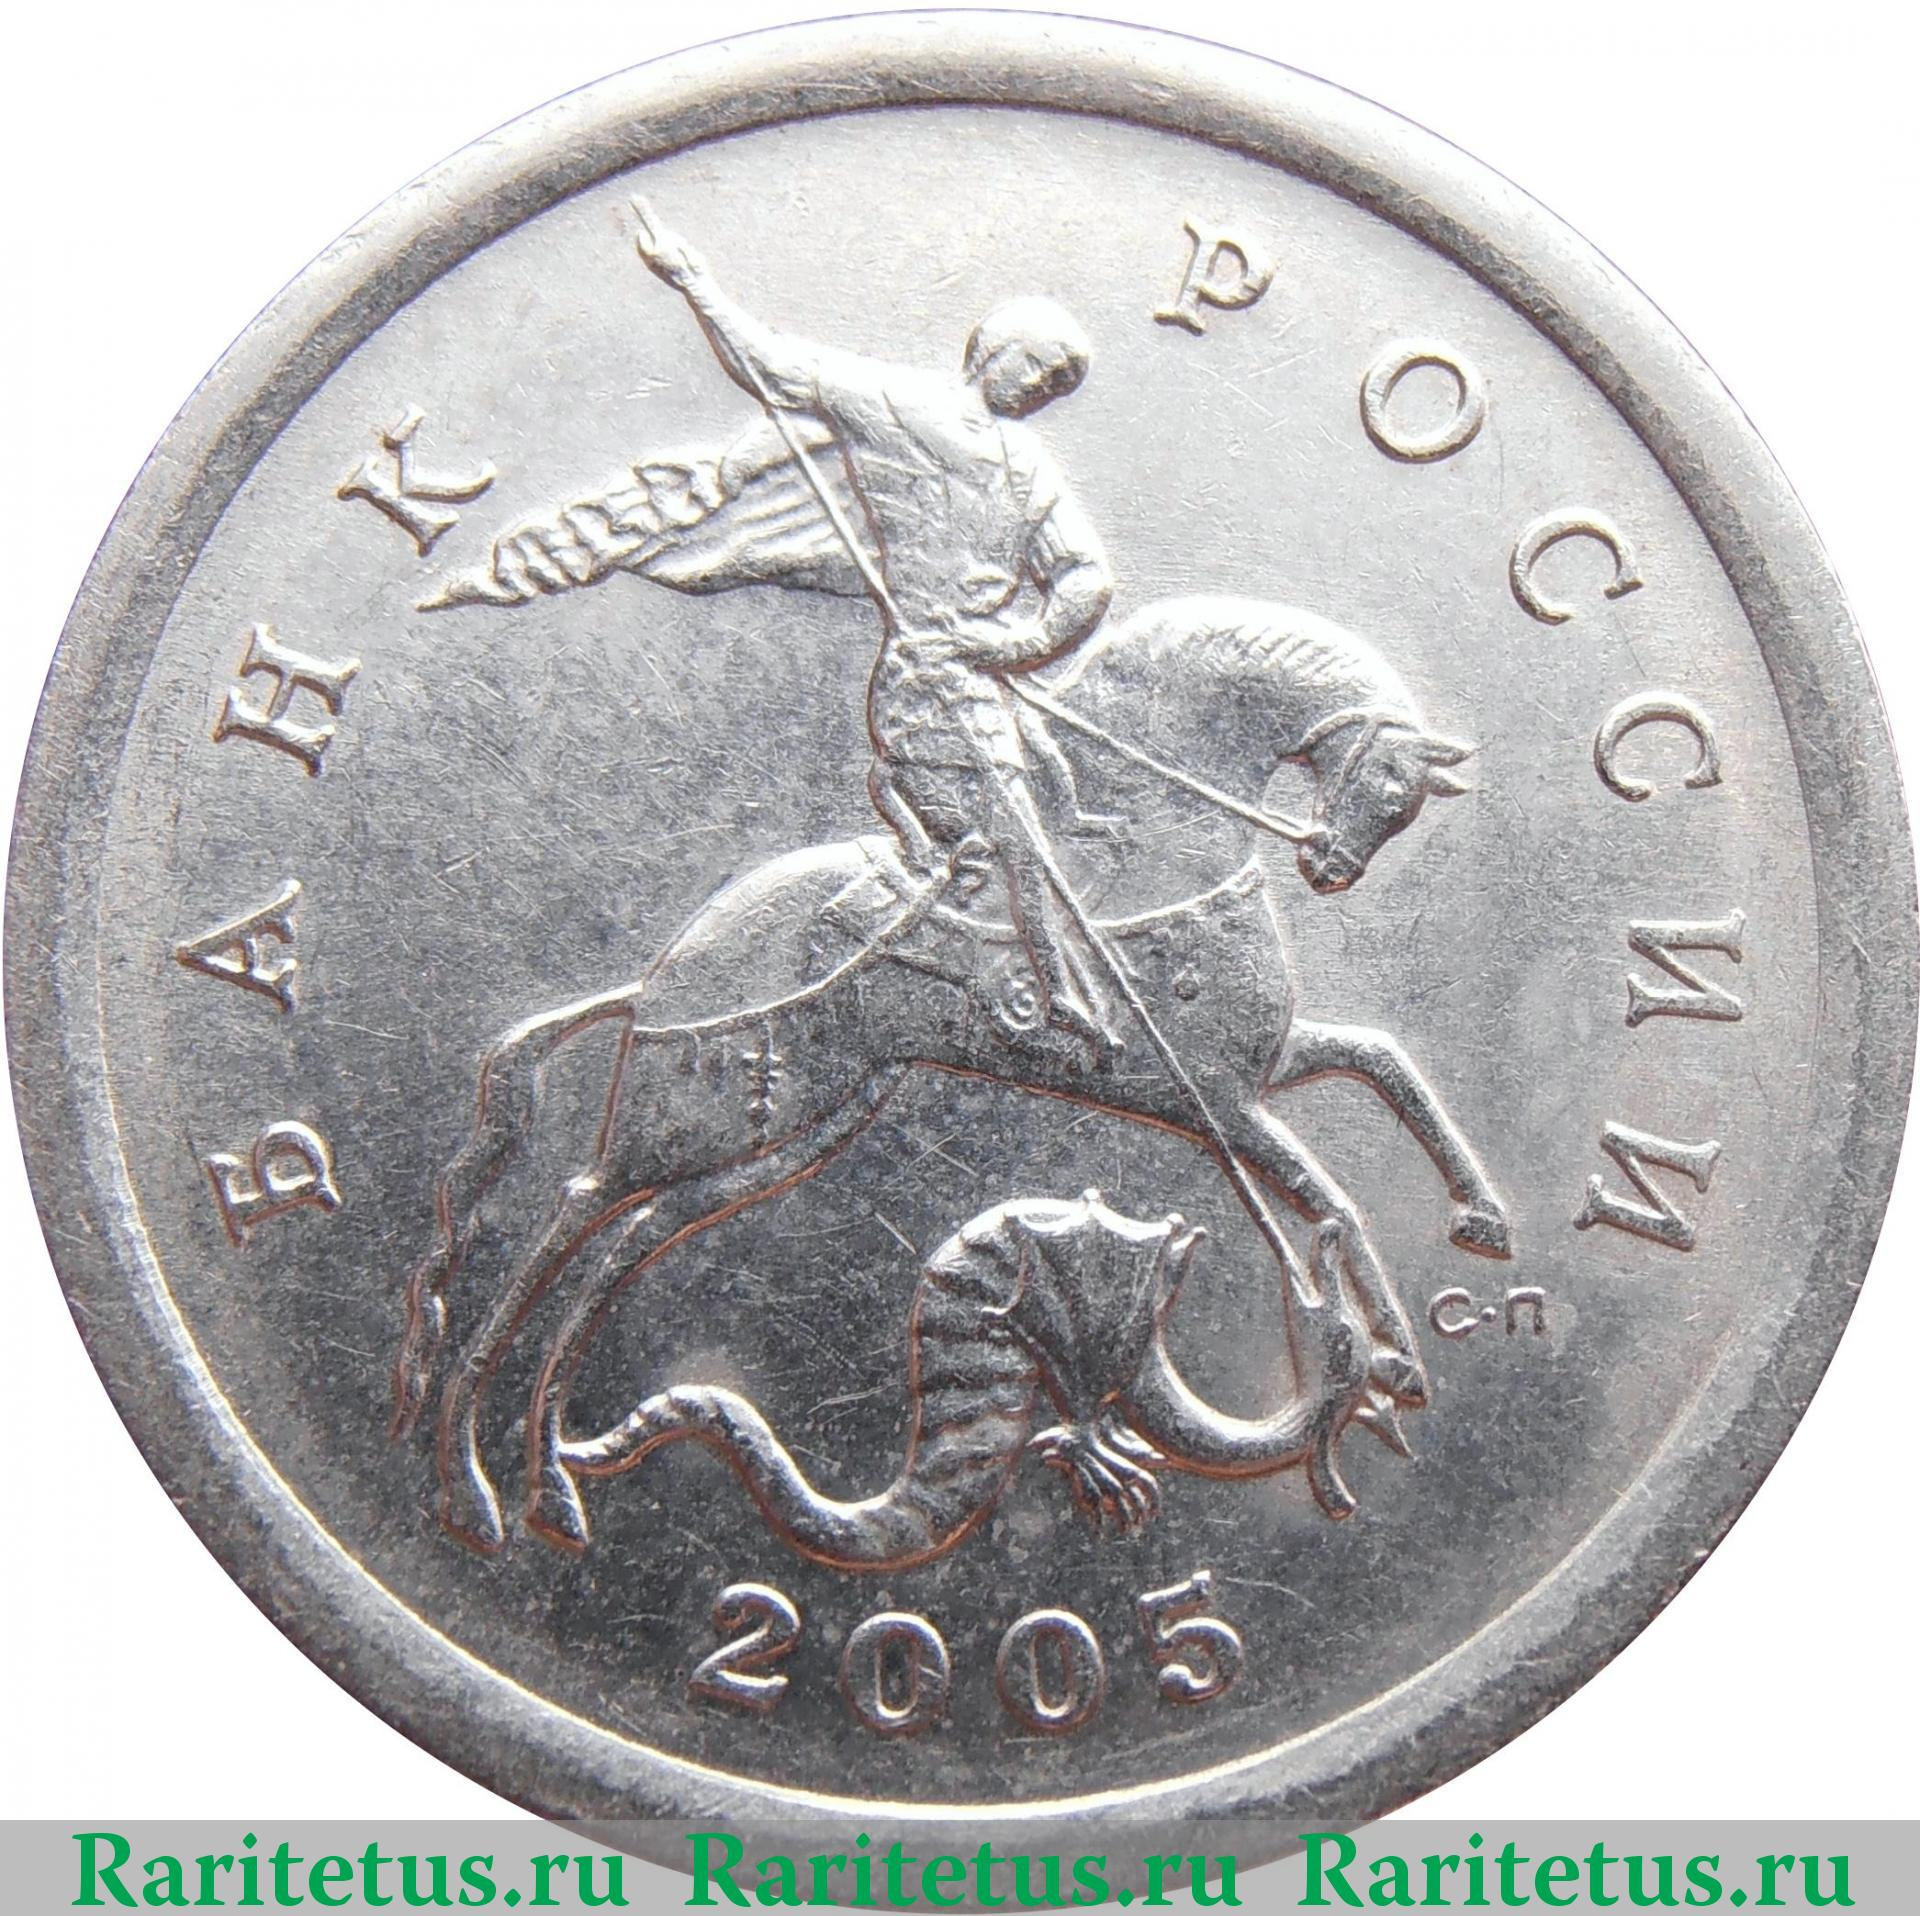 50 копеек 2005 сп цена полушка 1855 года цена